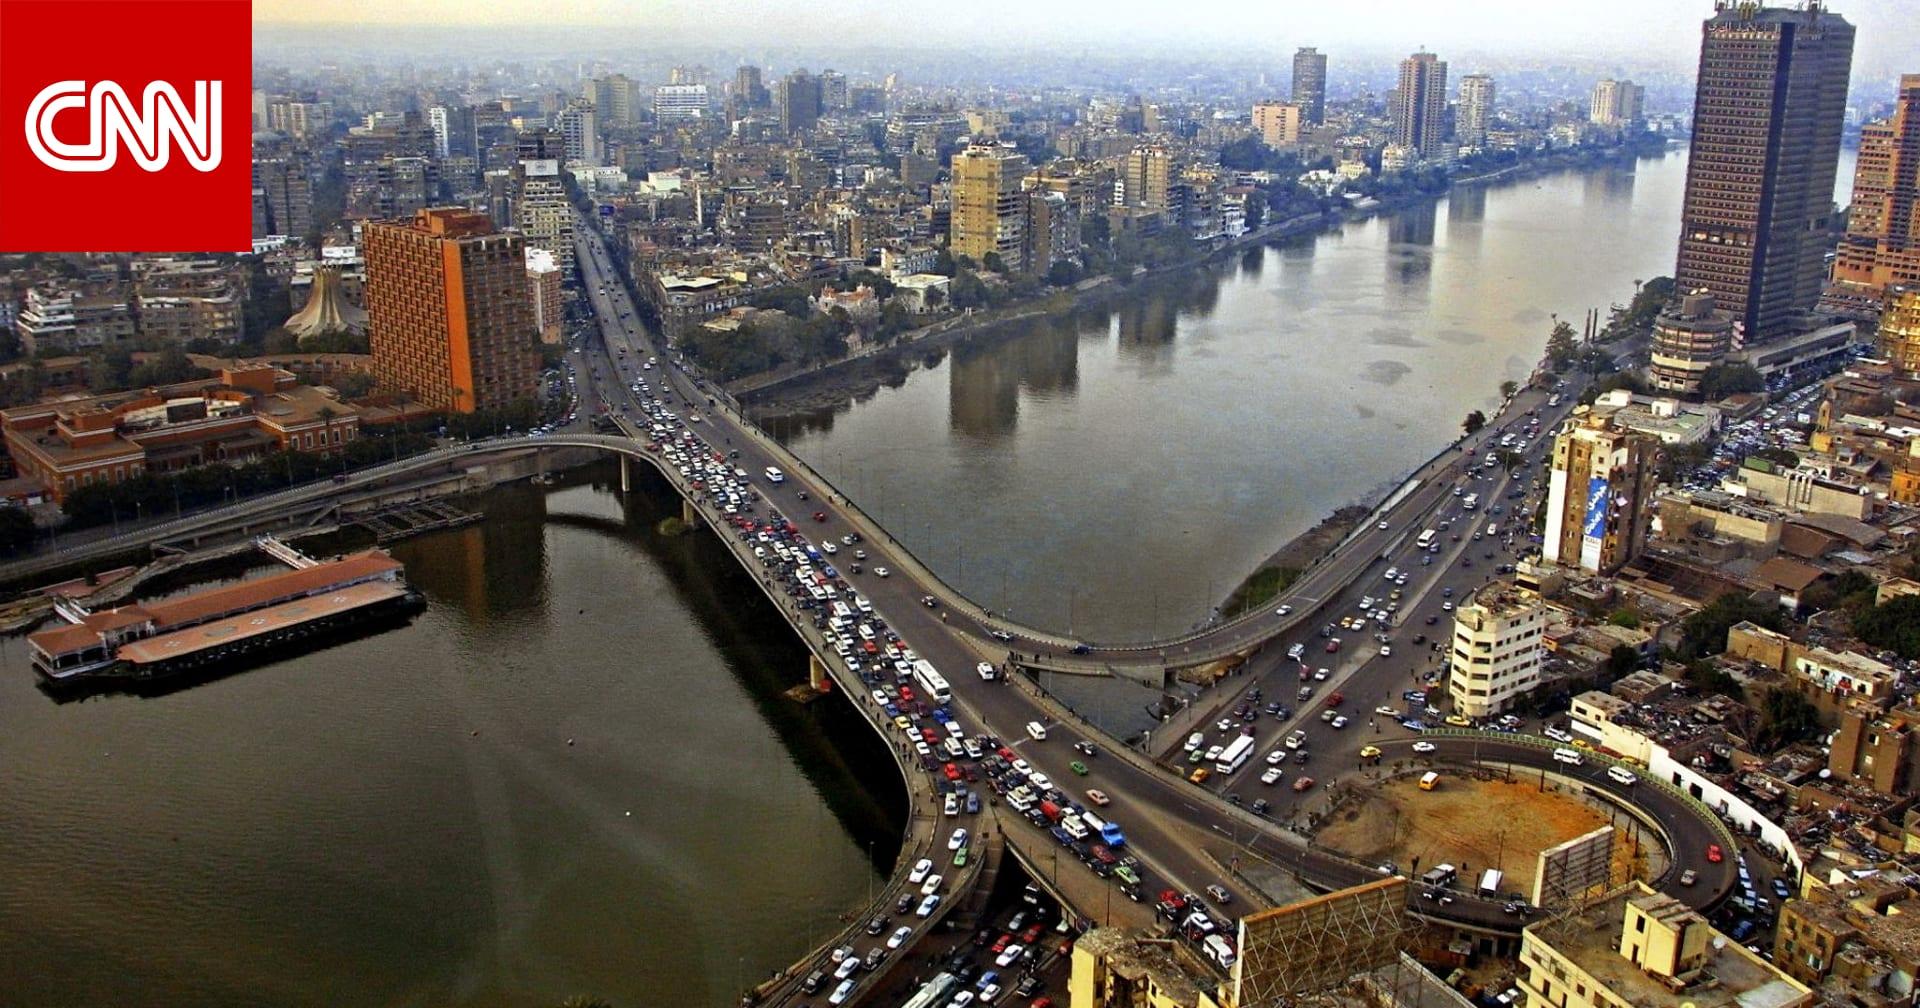 هل يشعر المهنيون في مصر بالرضا عن حياتهم المهنية والشخصية؟